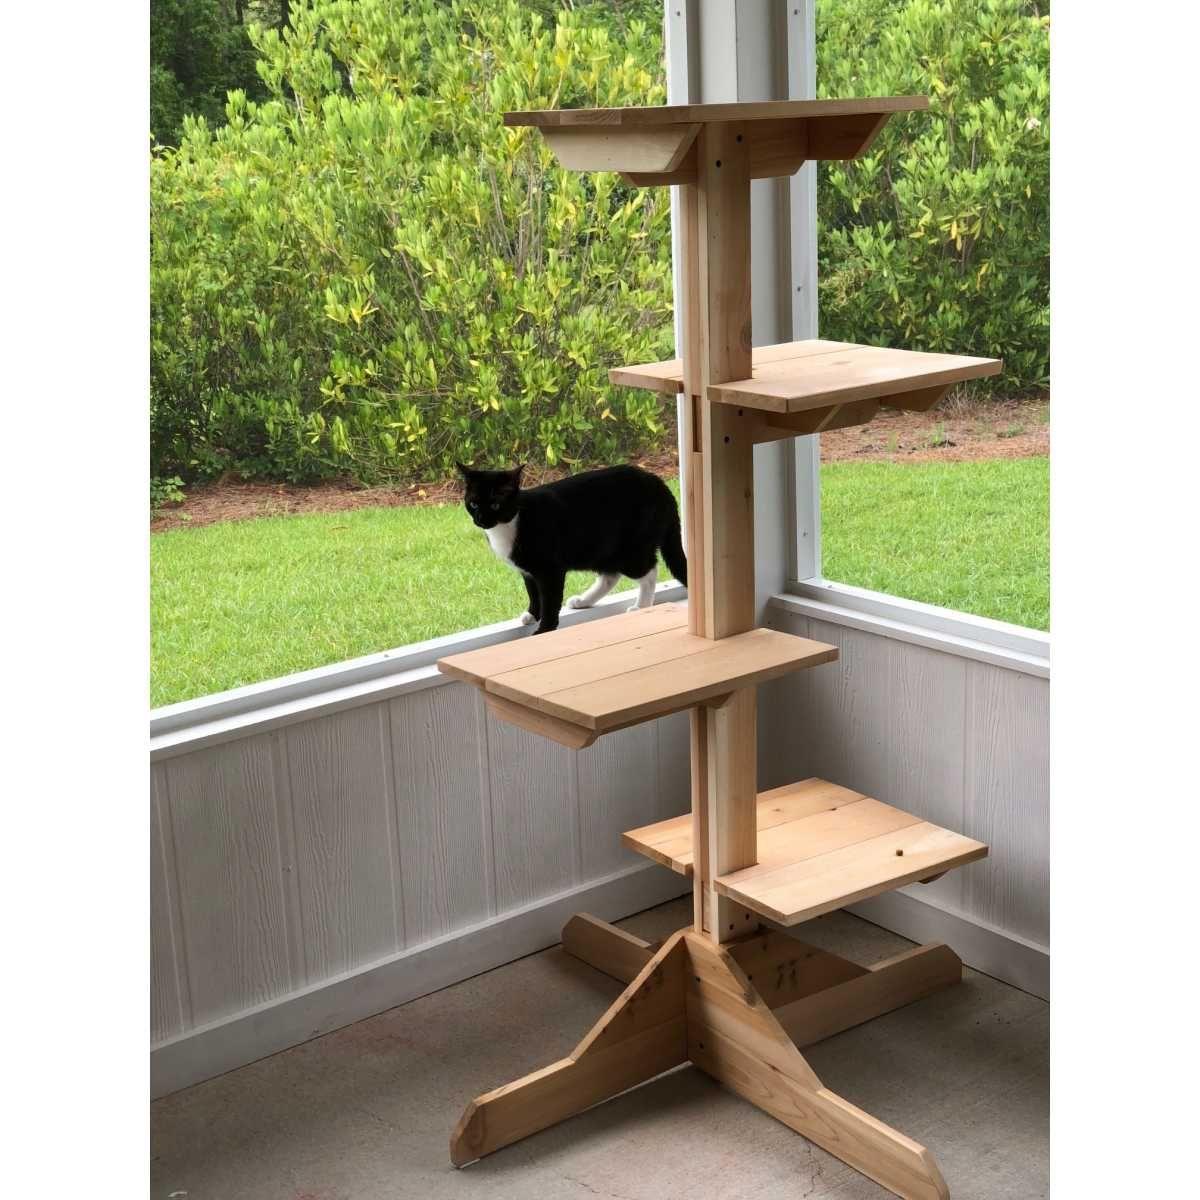 Outdoor (or Indoor) Cedar Cat Tree CatsPlay Superstore